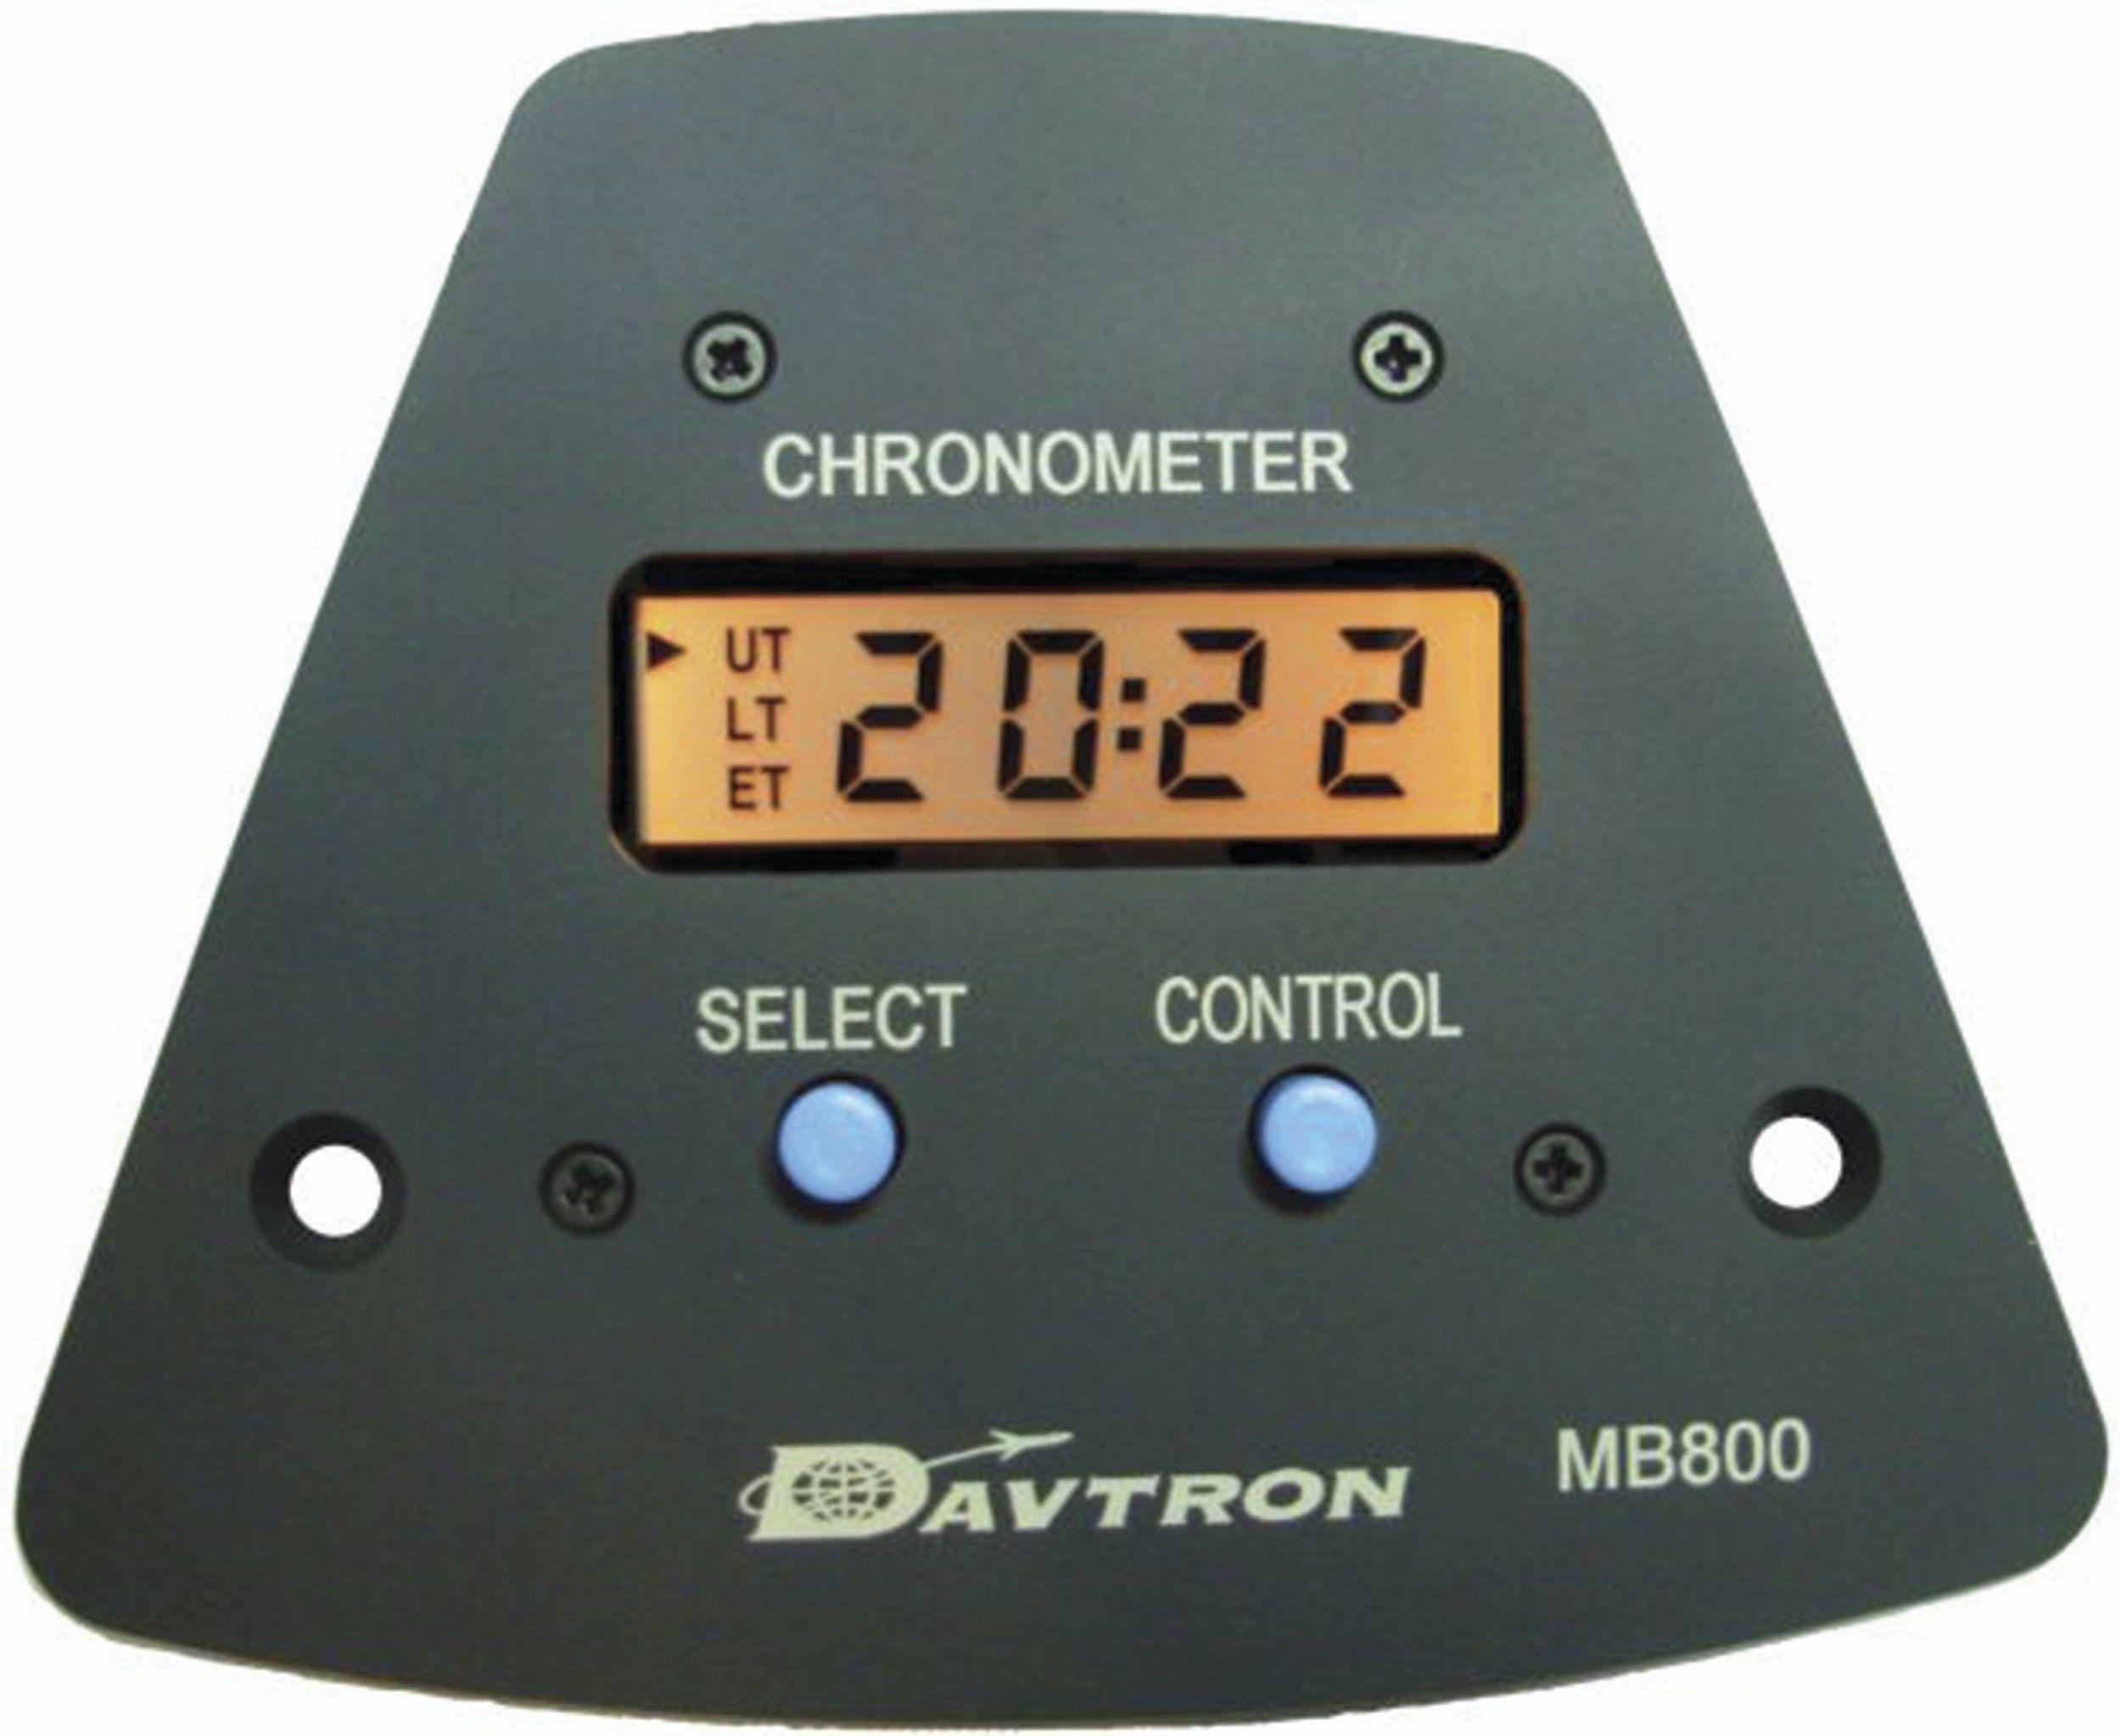 DavtronClock_mb800-black-01-300dpi